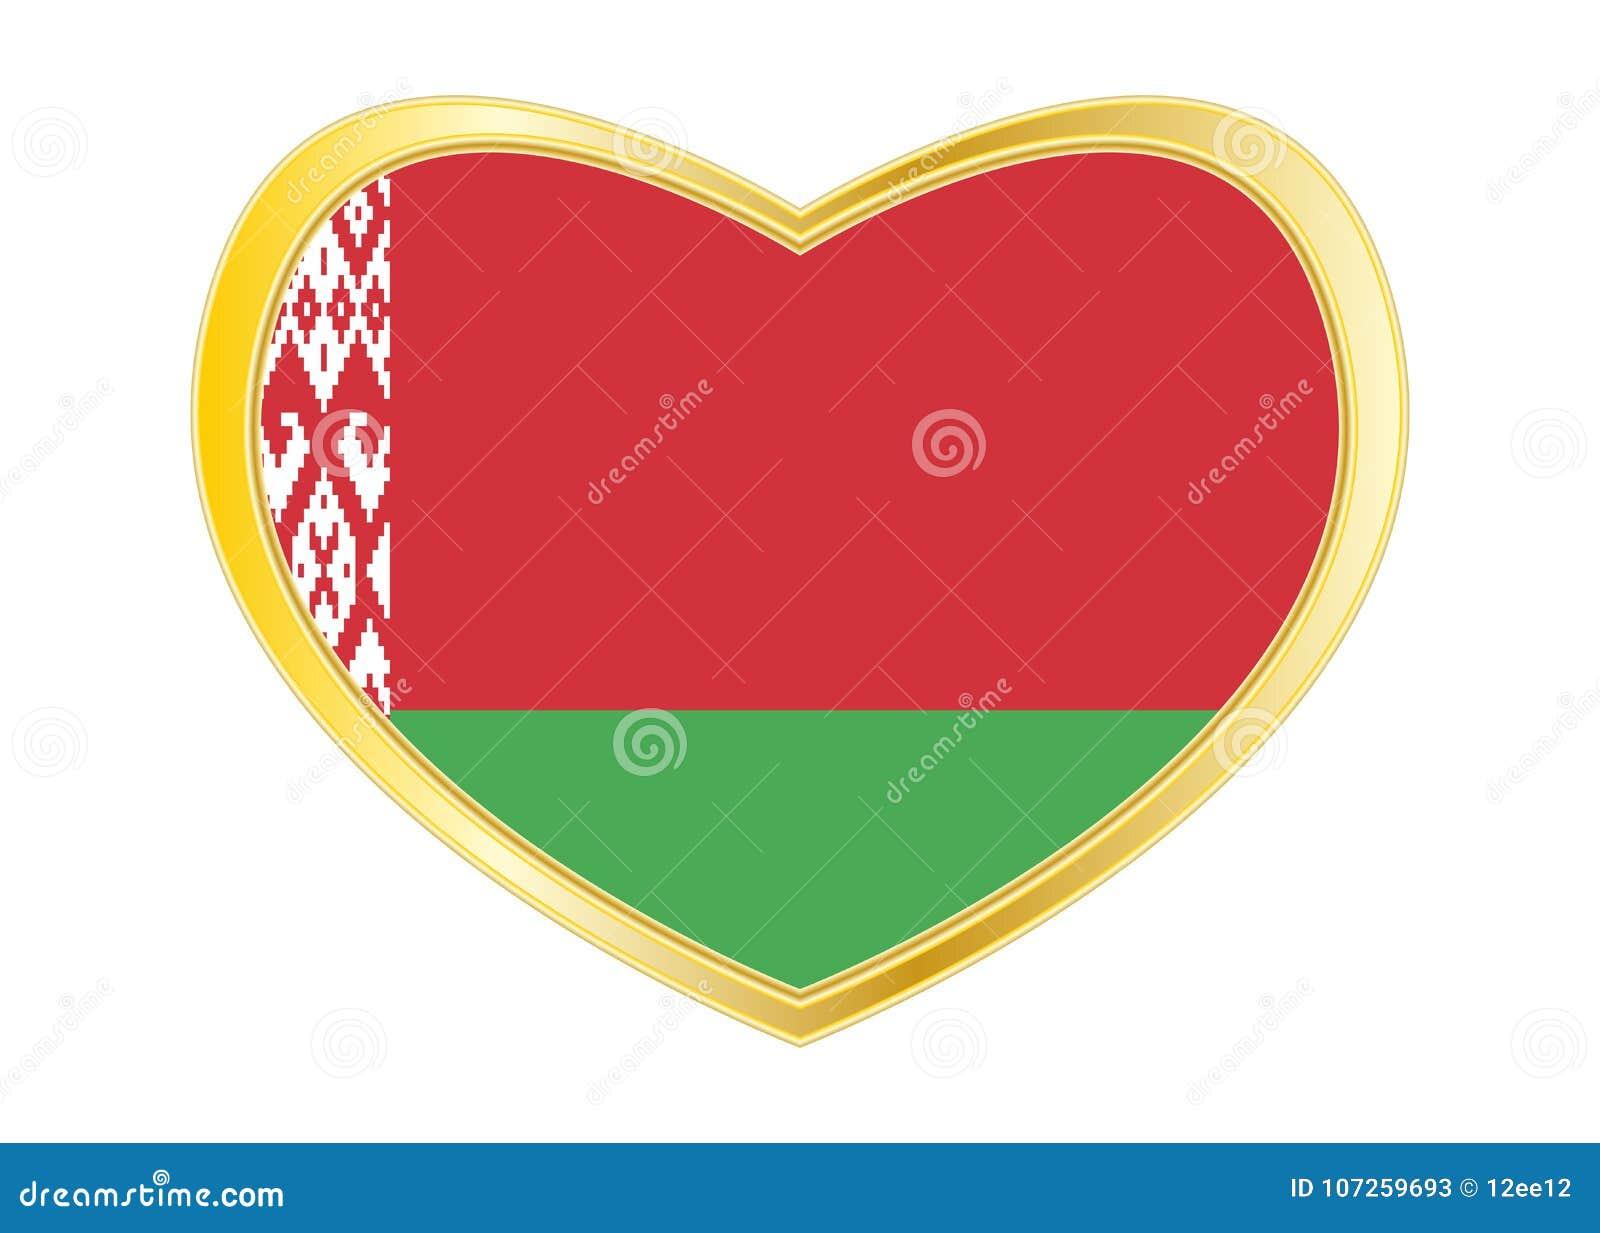 Bandera de Bielorrusia en la forma del corazón, marco de oro